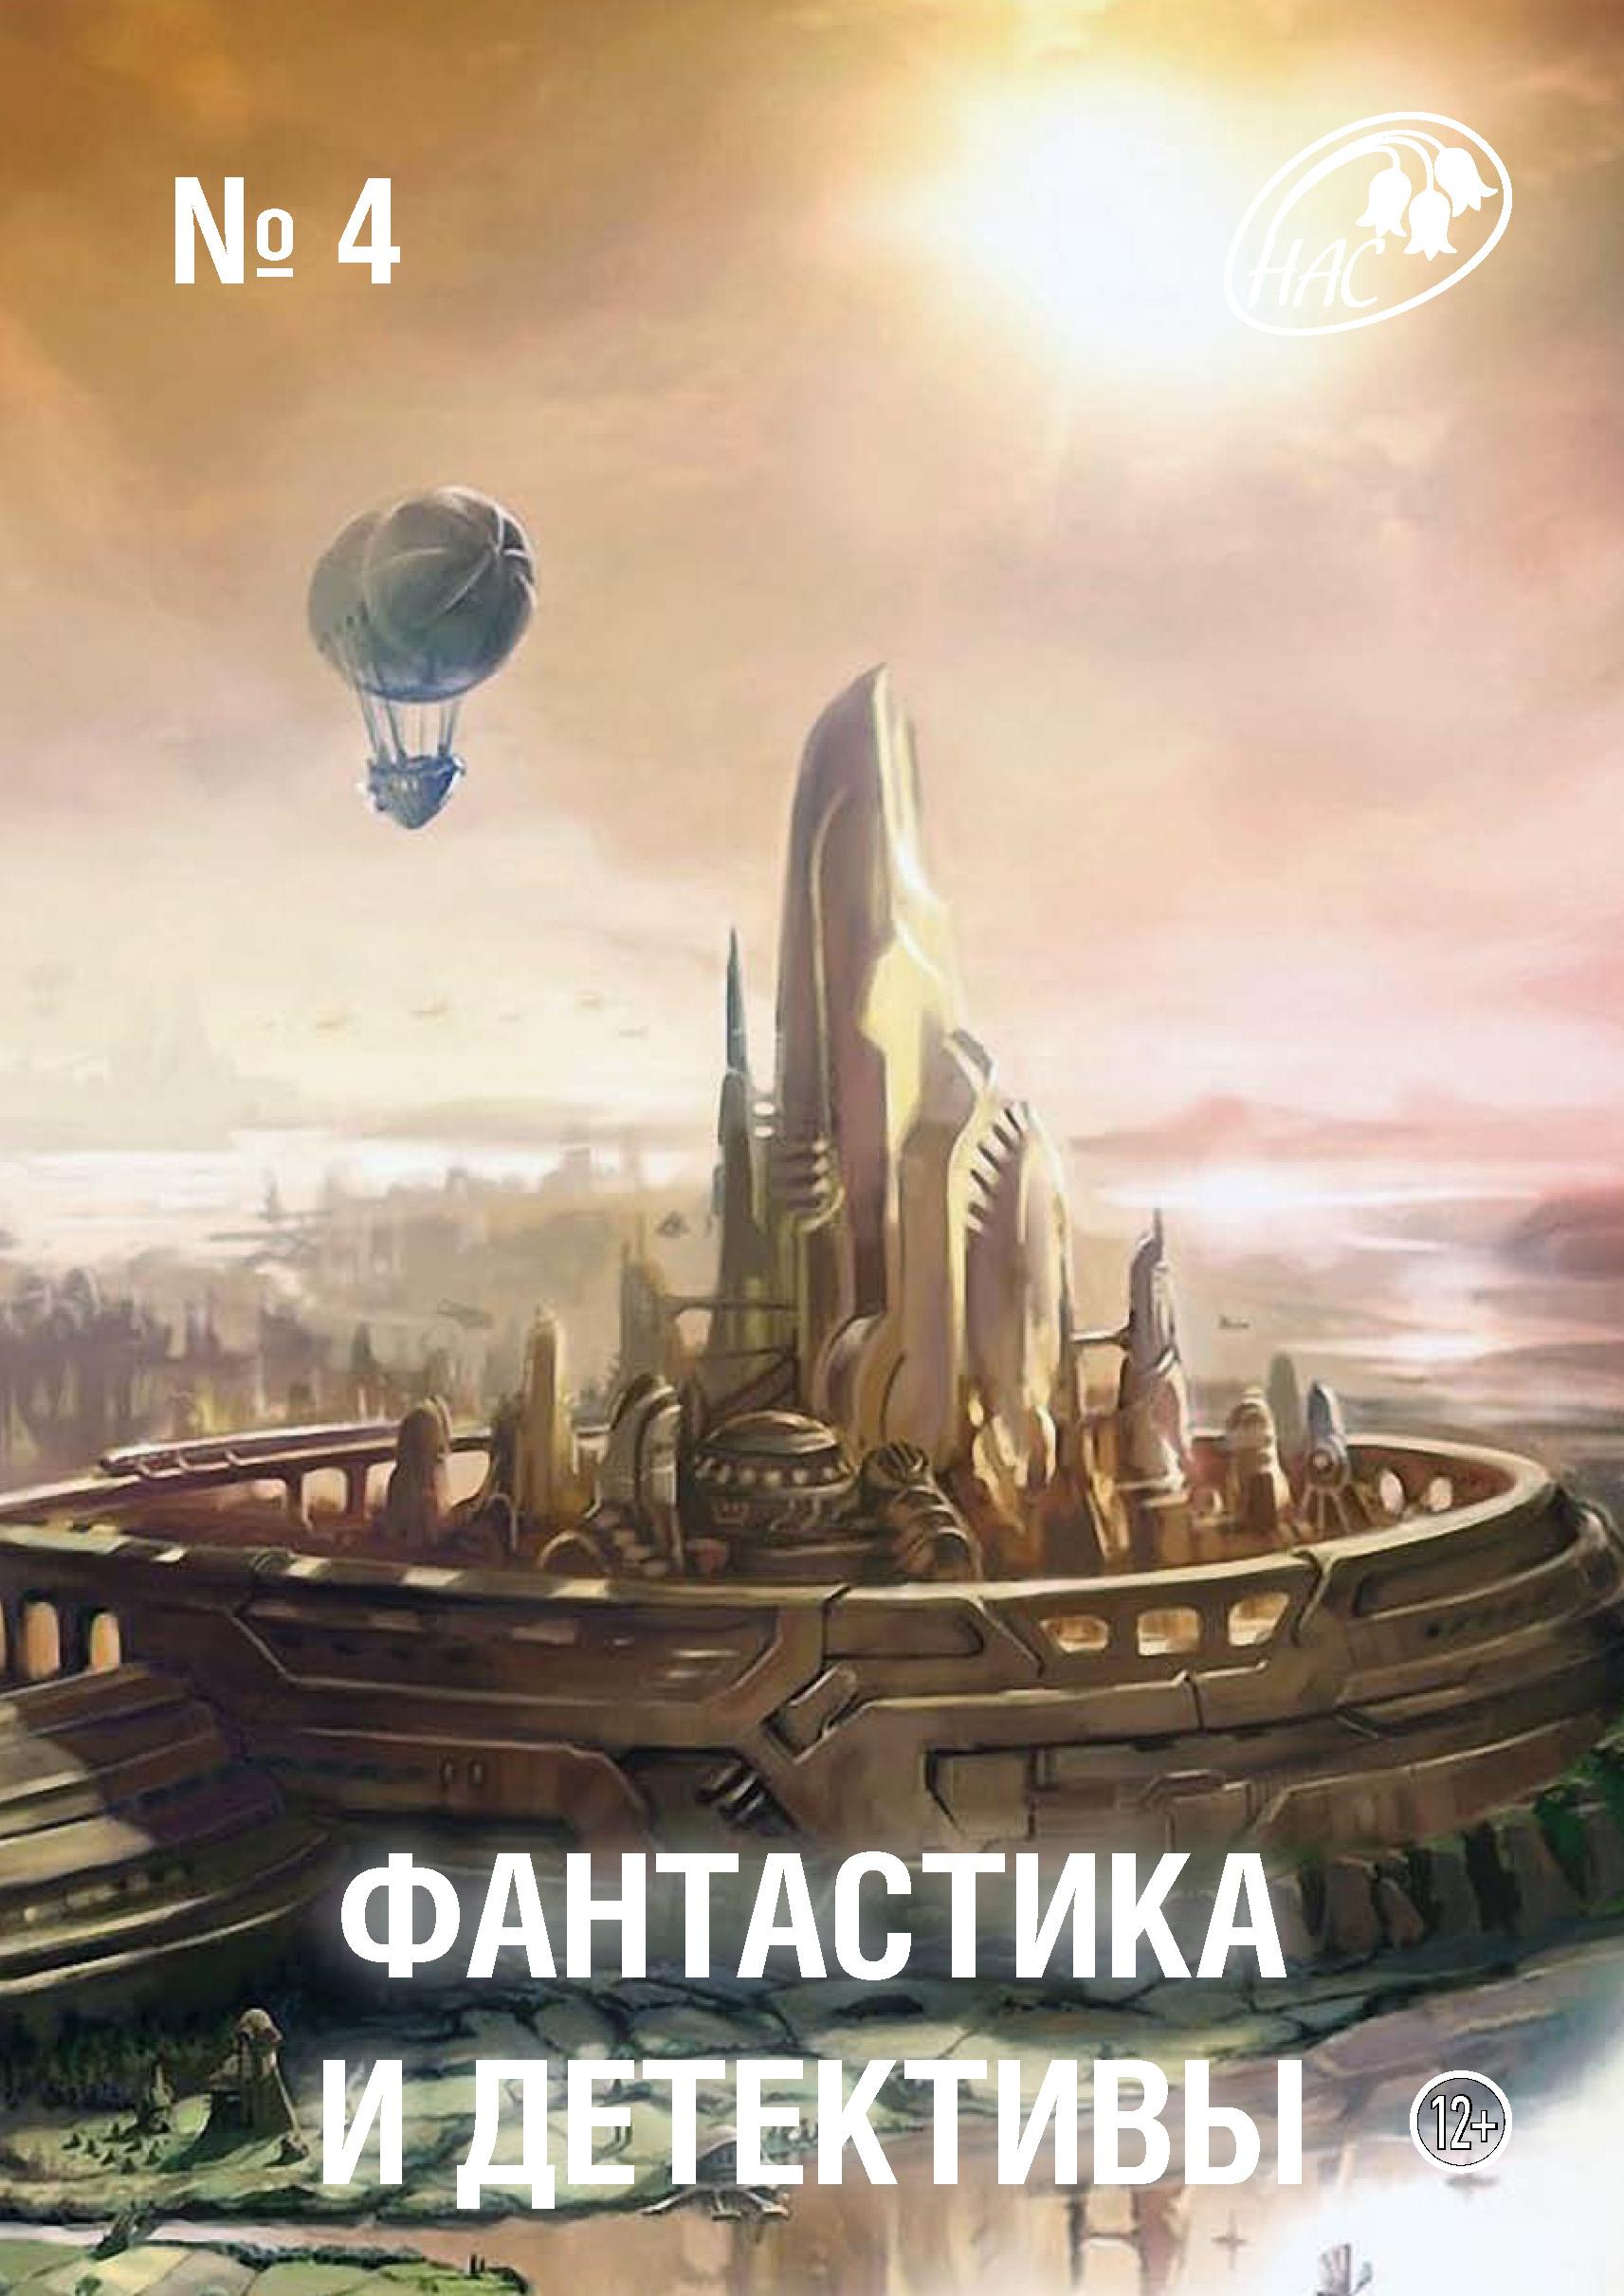 Сборник Журнал «Фантастика и Детективы» №4 роберт силверберг трое уцелевших наковальня времени открыть небо